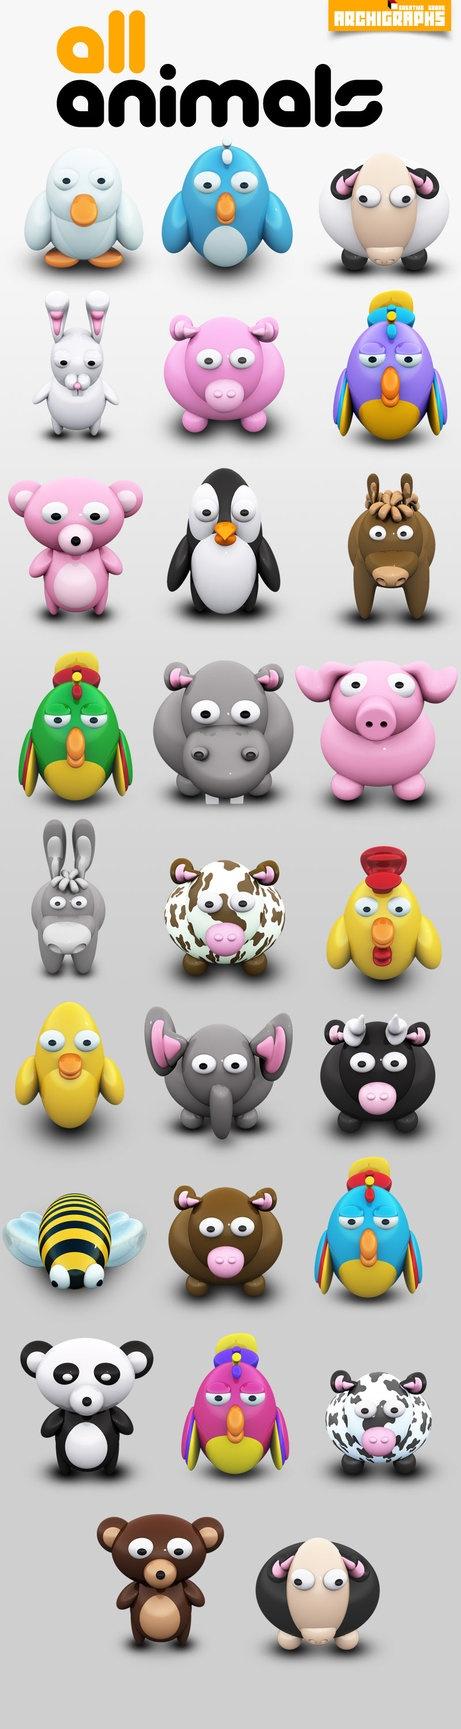 Cartoon animal PNG